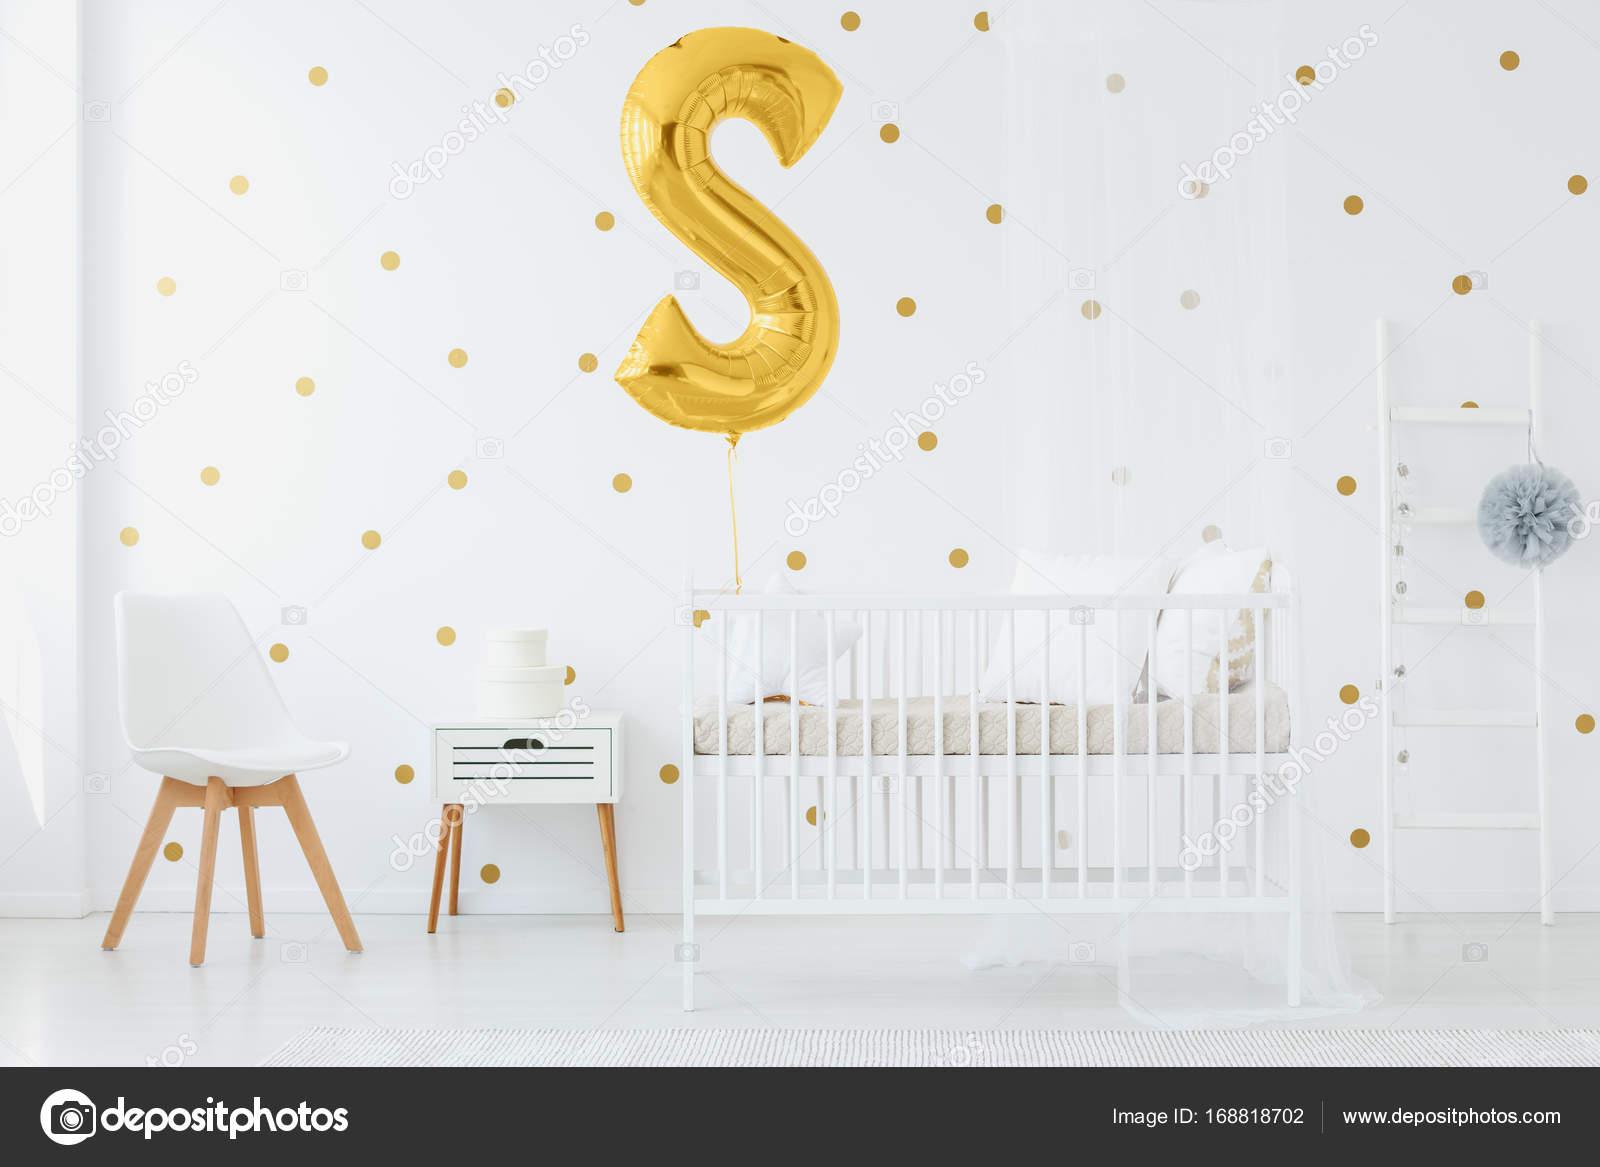 Gold Ballon über Kinder Bett Stockfoto Photographeeeu 168818702